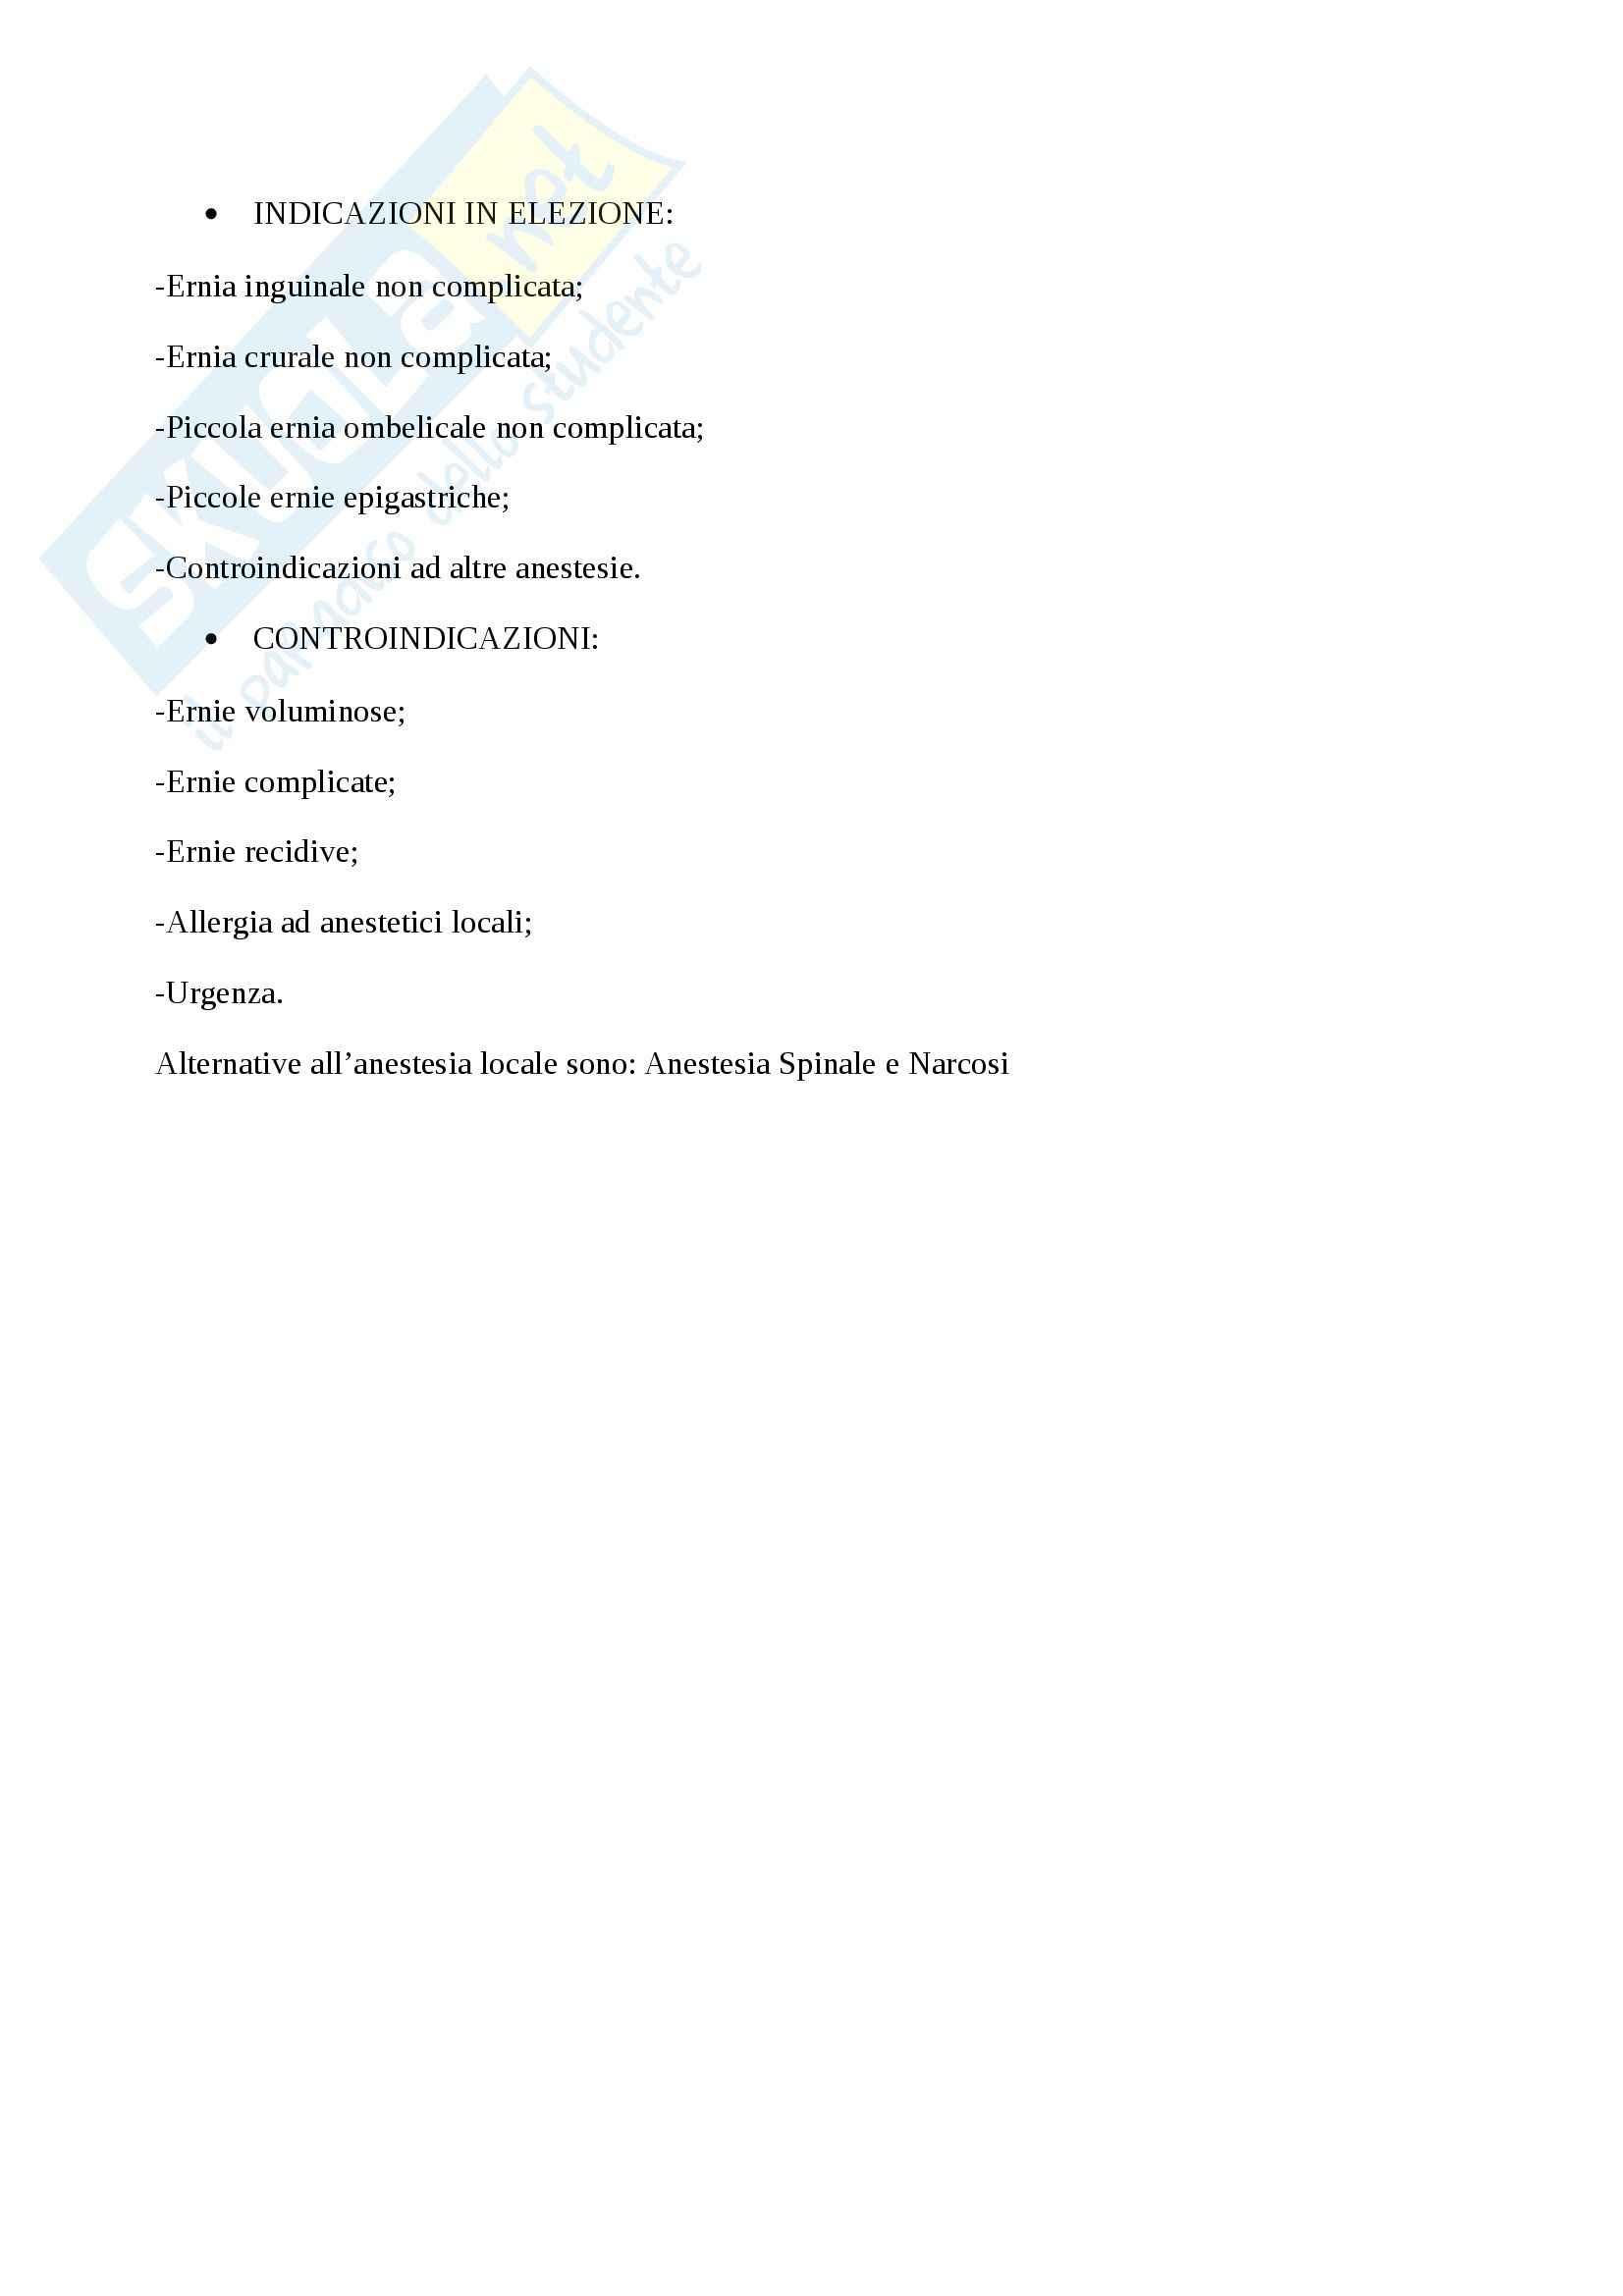 Patologie parete addominale, Chirurgia generale per infermieri Pag. 11